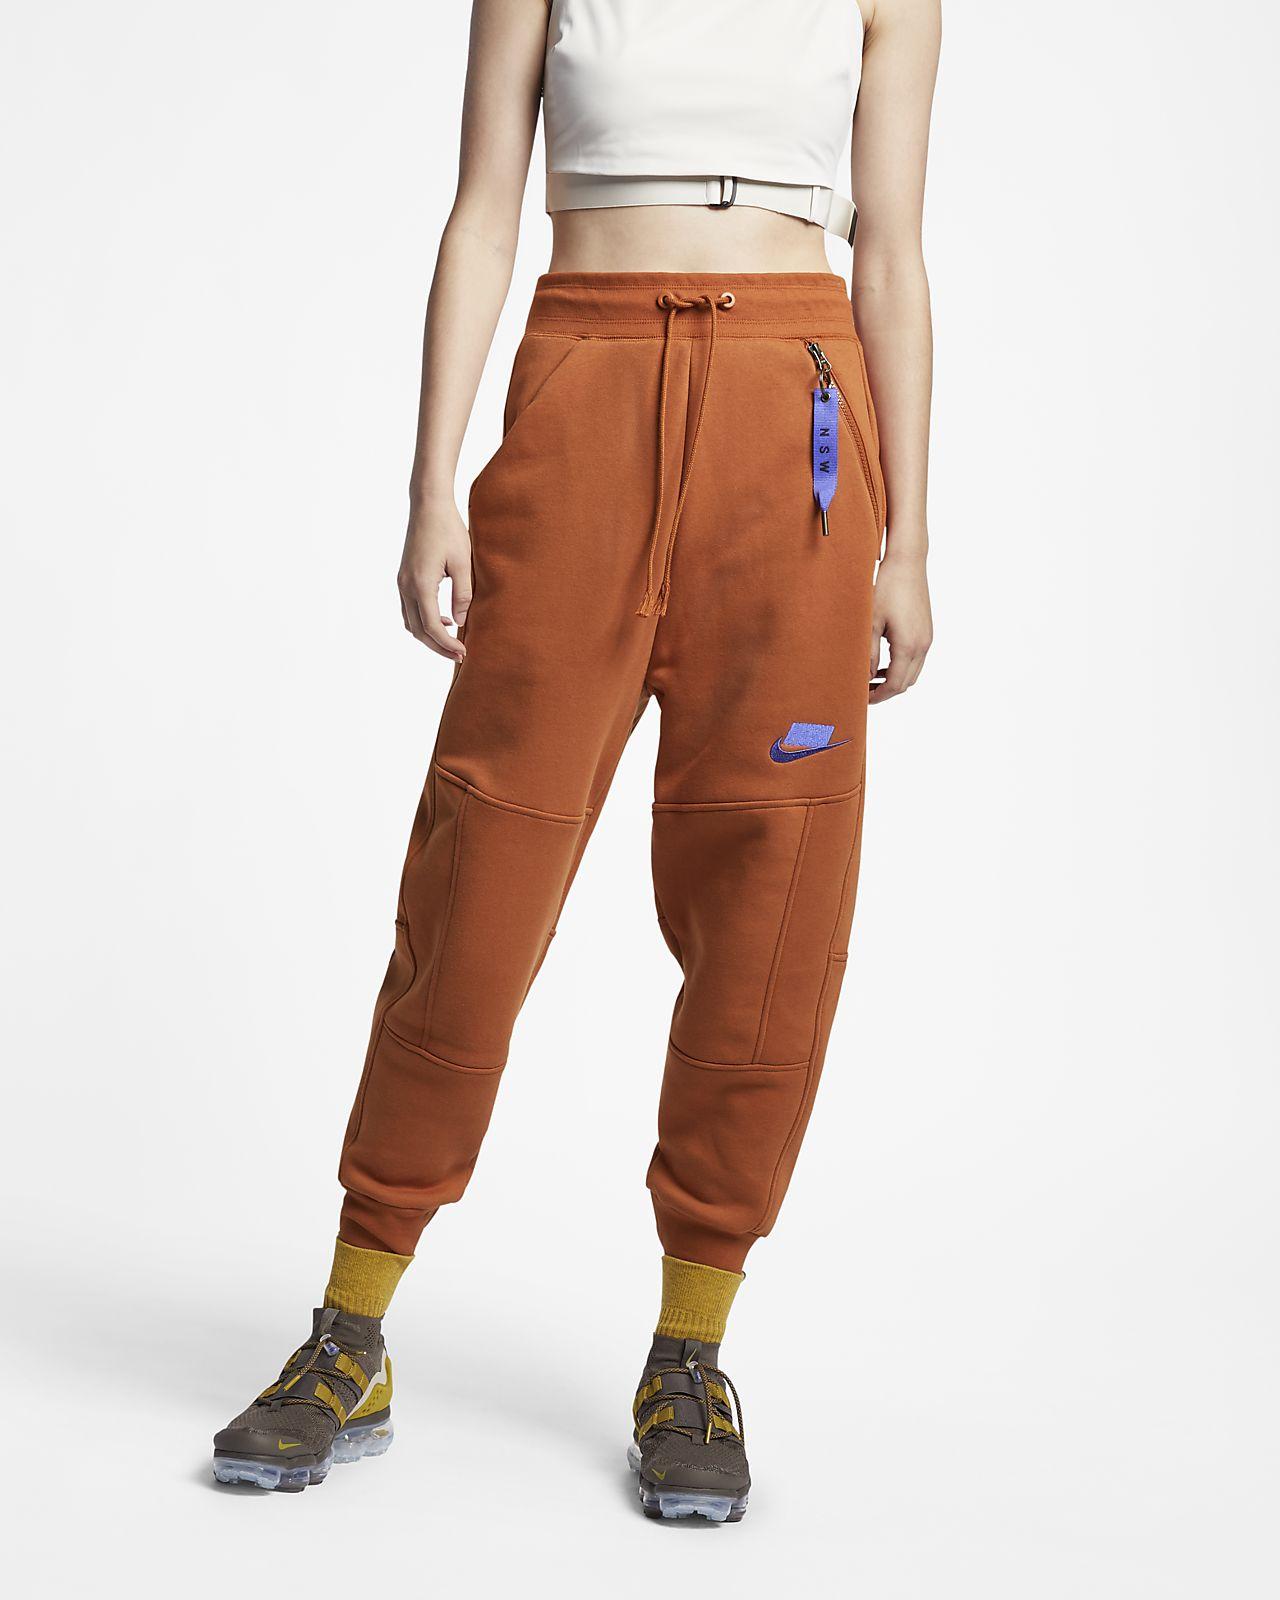 pantaloni nike vita alta